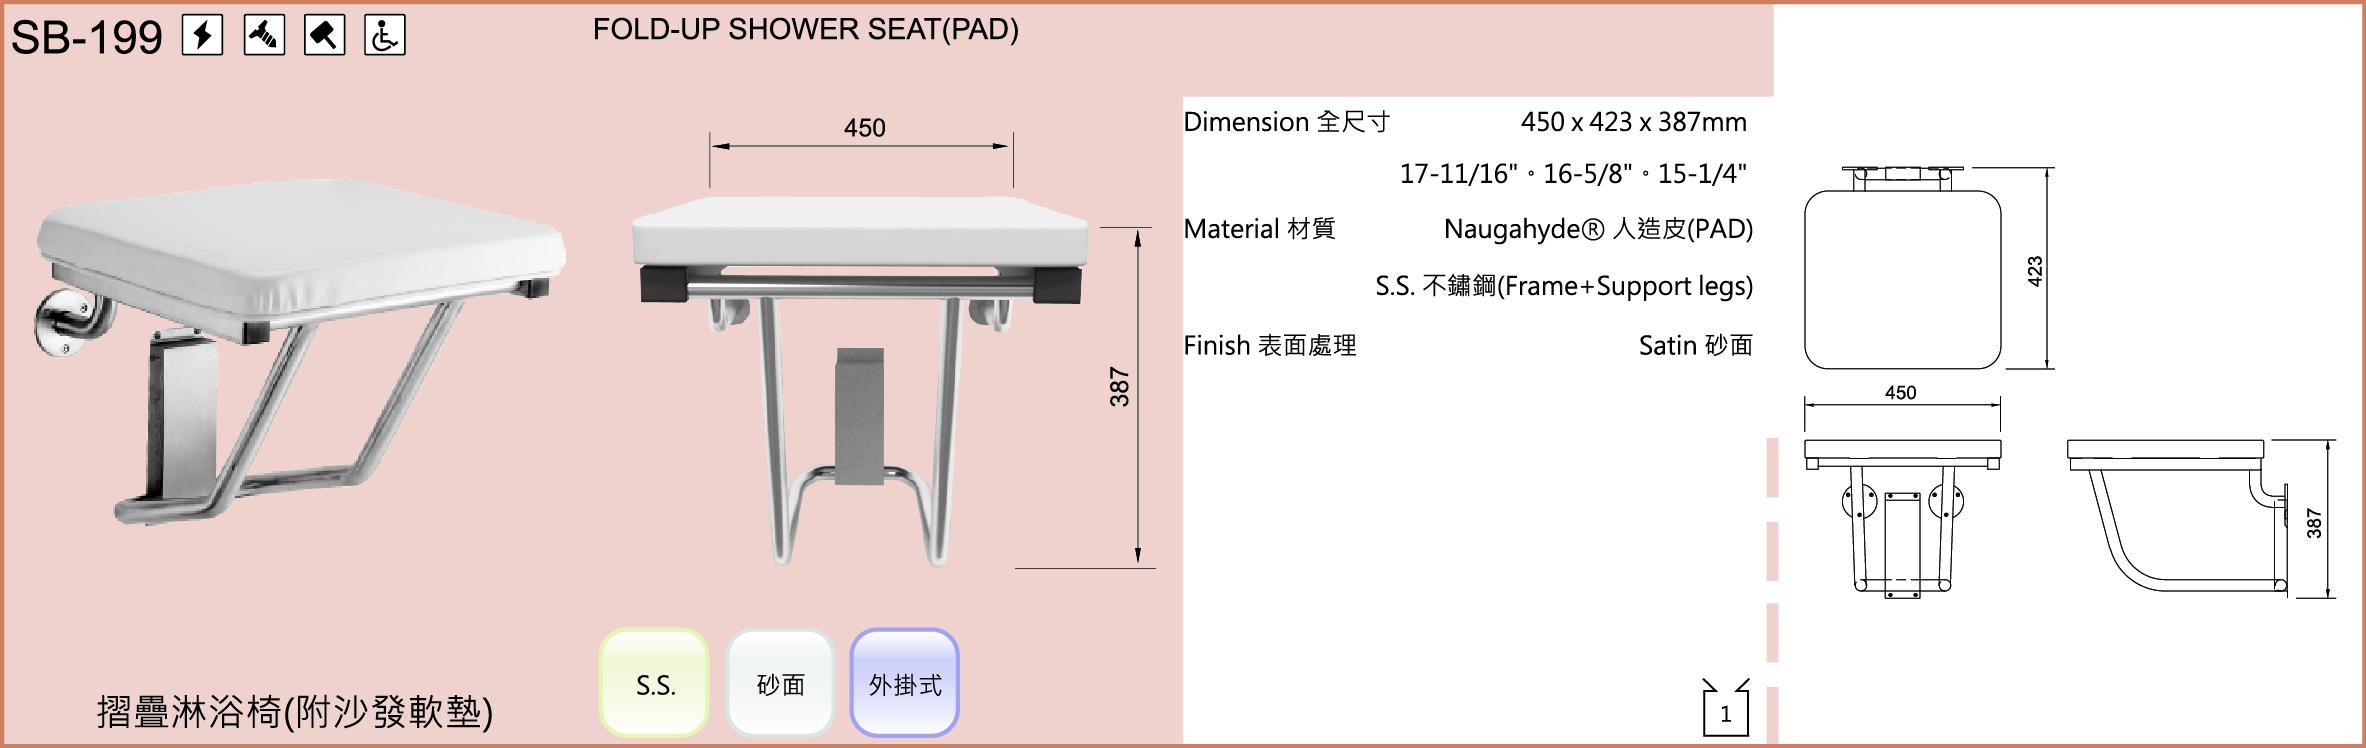 SB-199.jpg